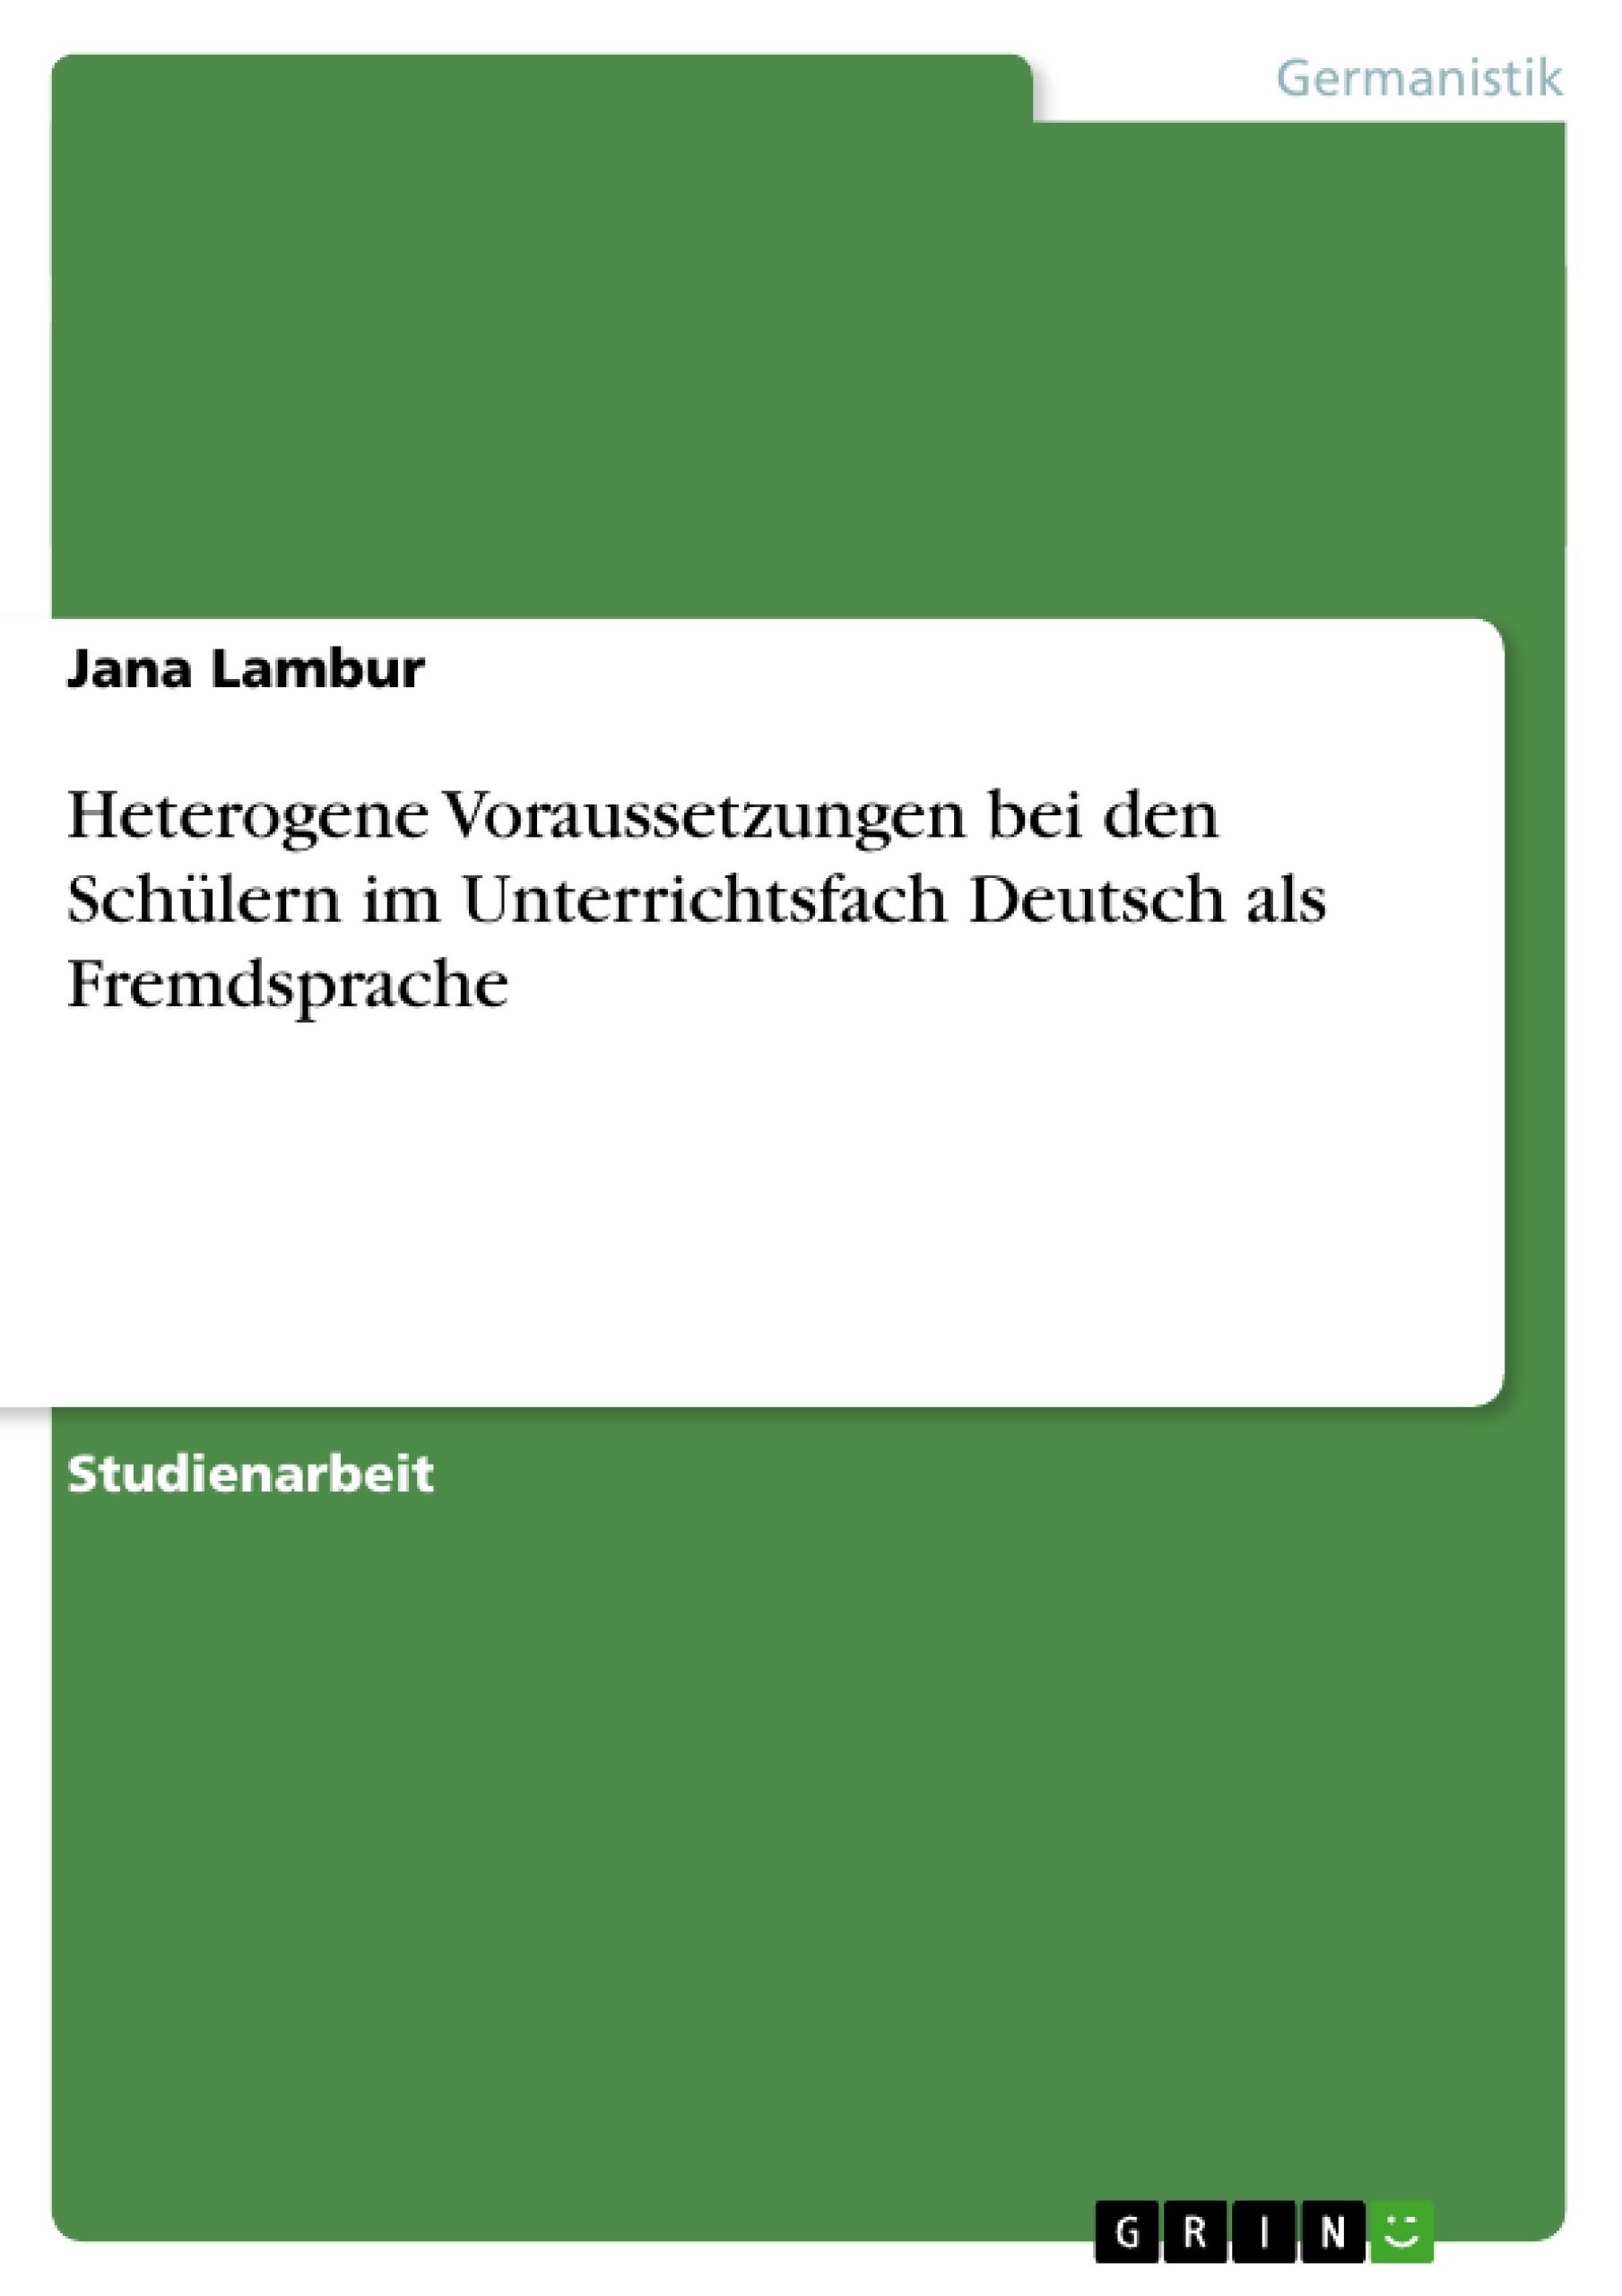 Titel: Heterogene Voraussetzungen bei den Schülern im Unterrichtsfach Deutsch als Fremdsprache